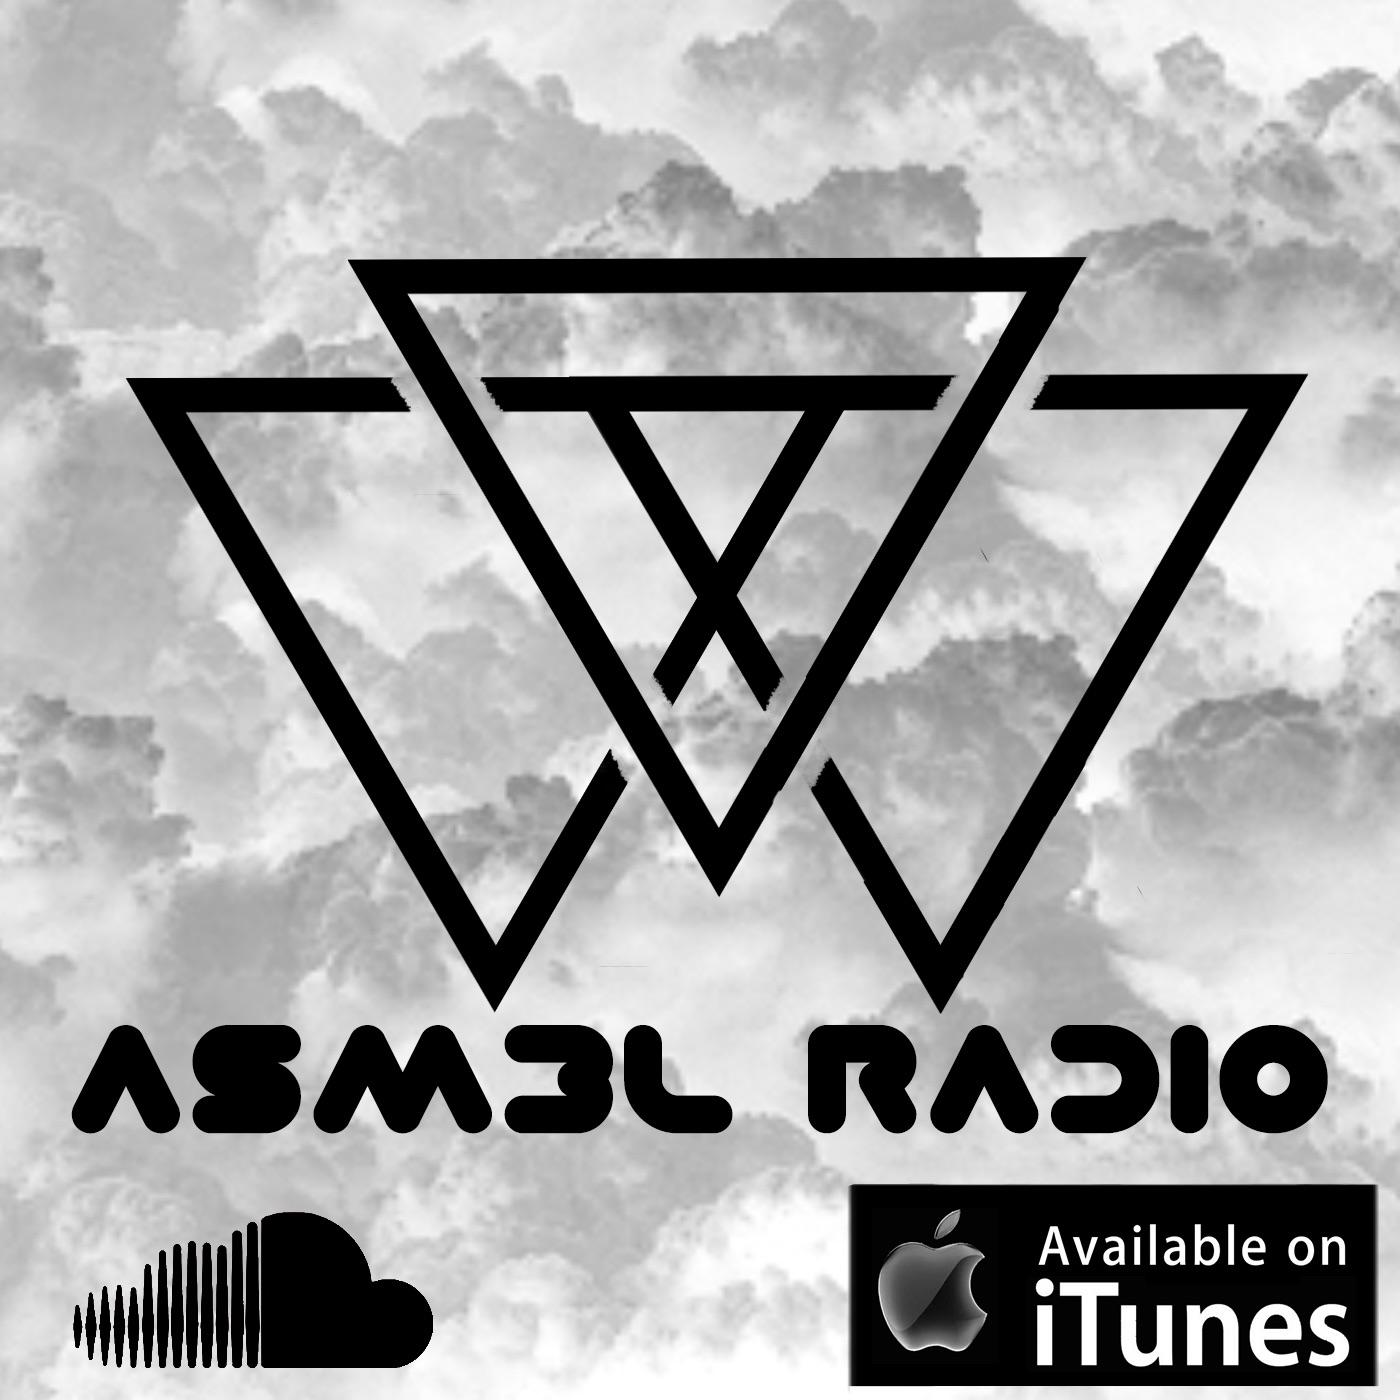 ASMBL Radio